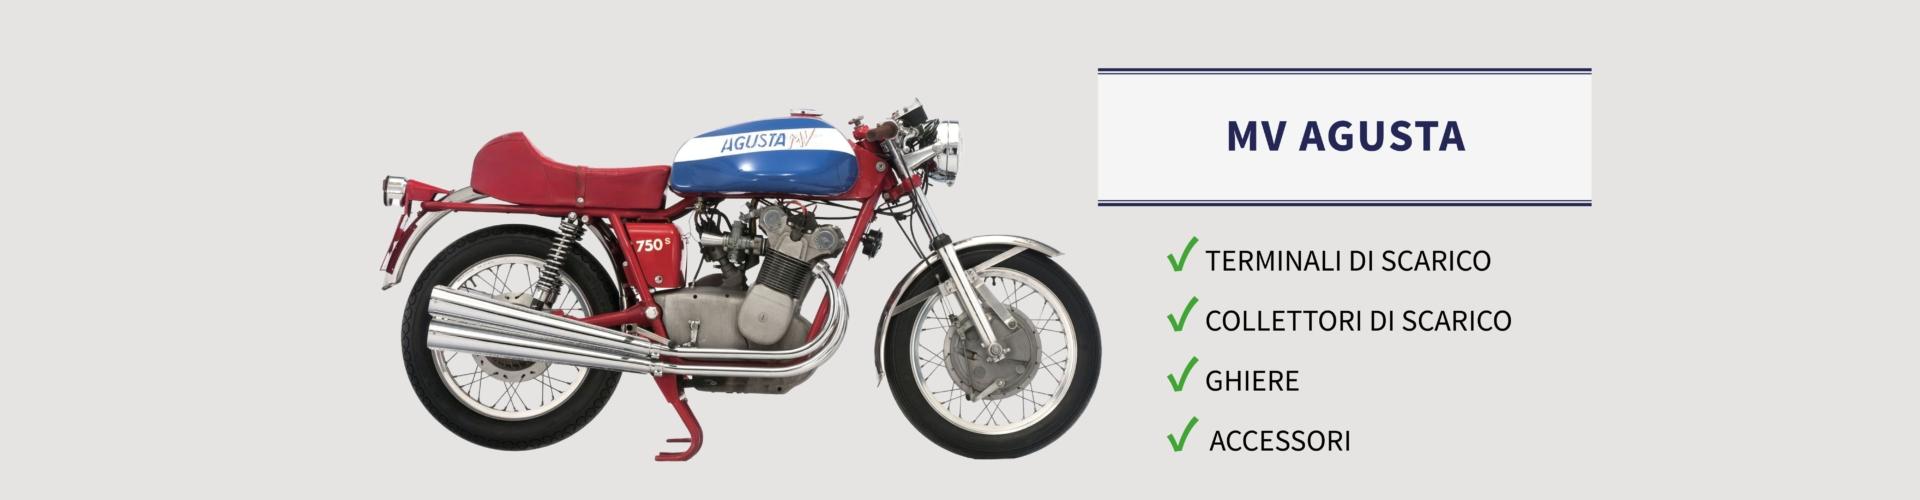 moto-storiche-italiane-terminali-moto-epoca-mv-agusta-750-rid